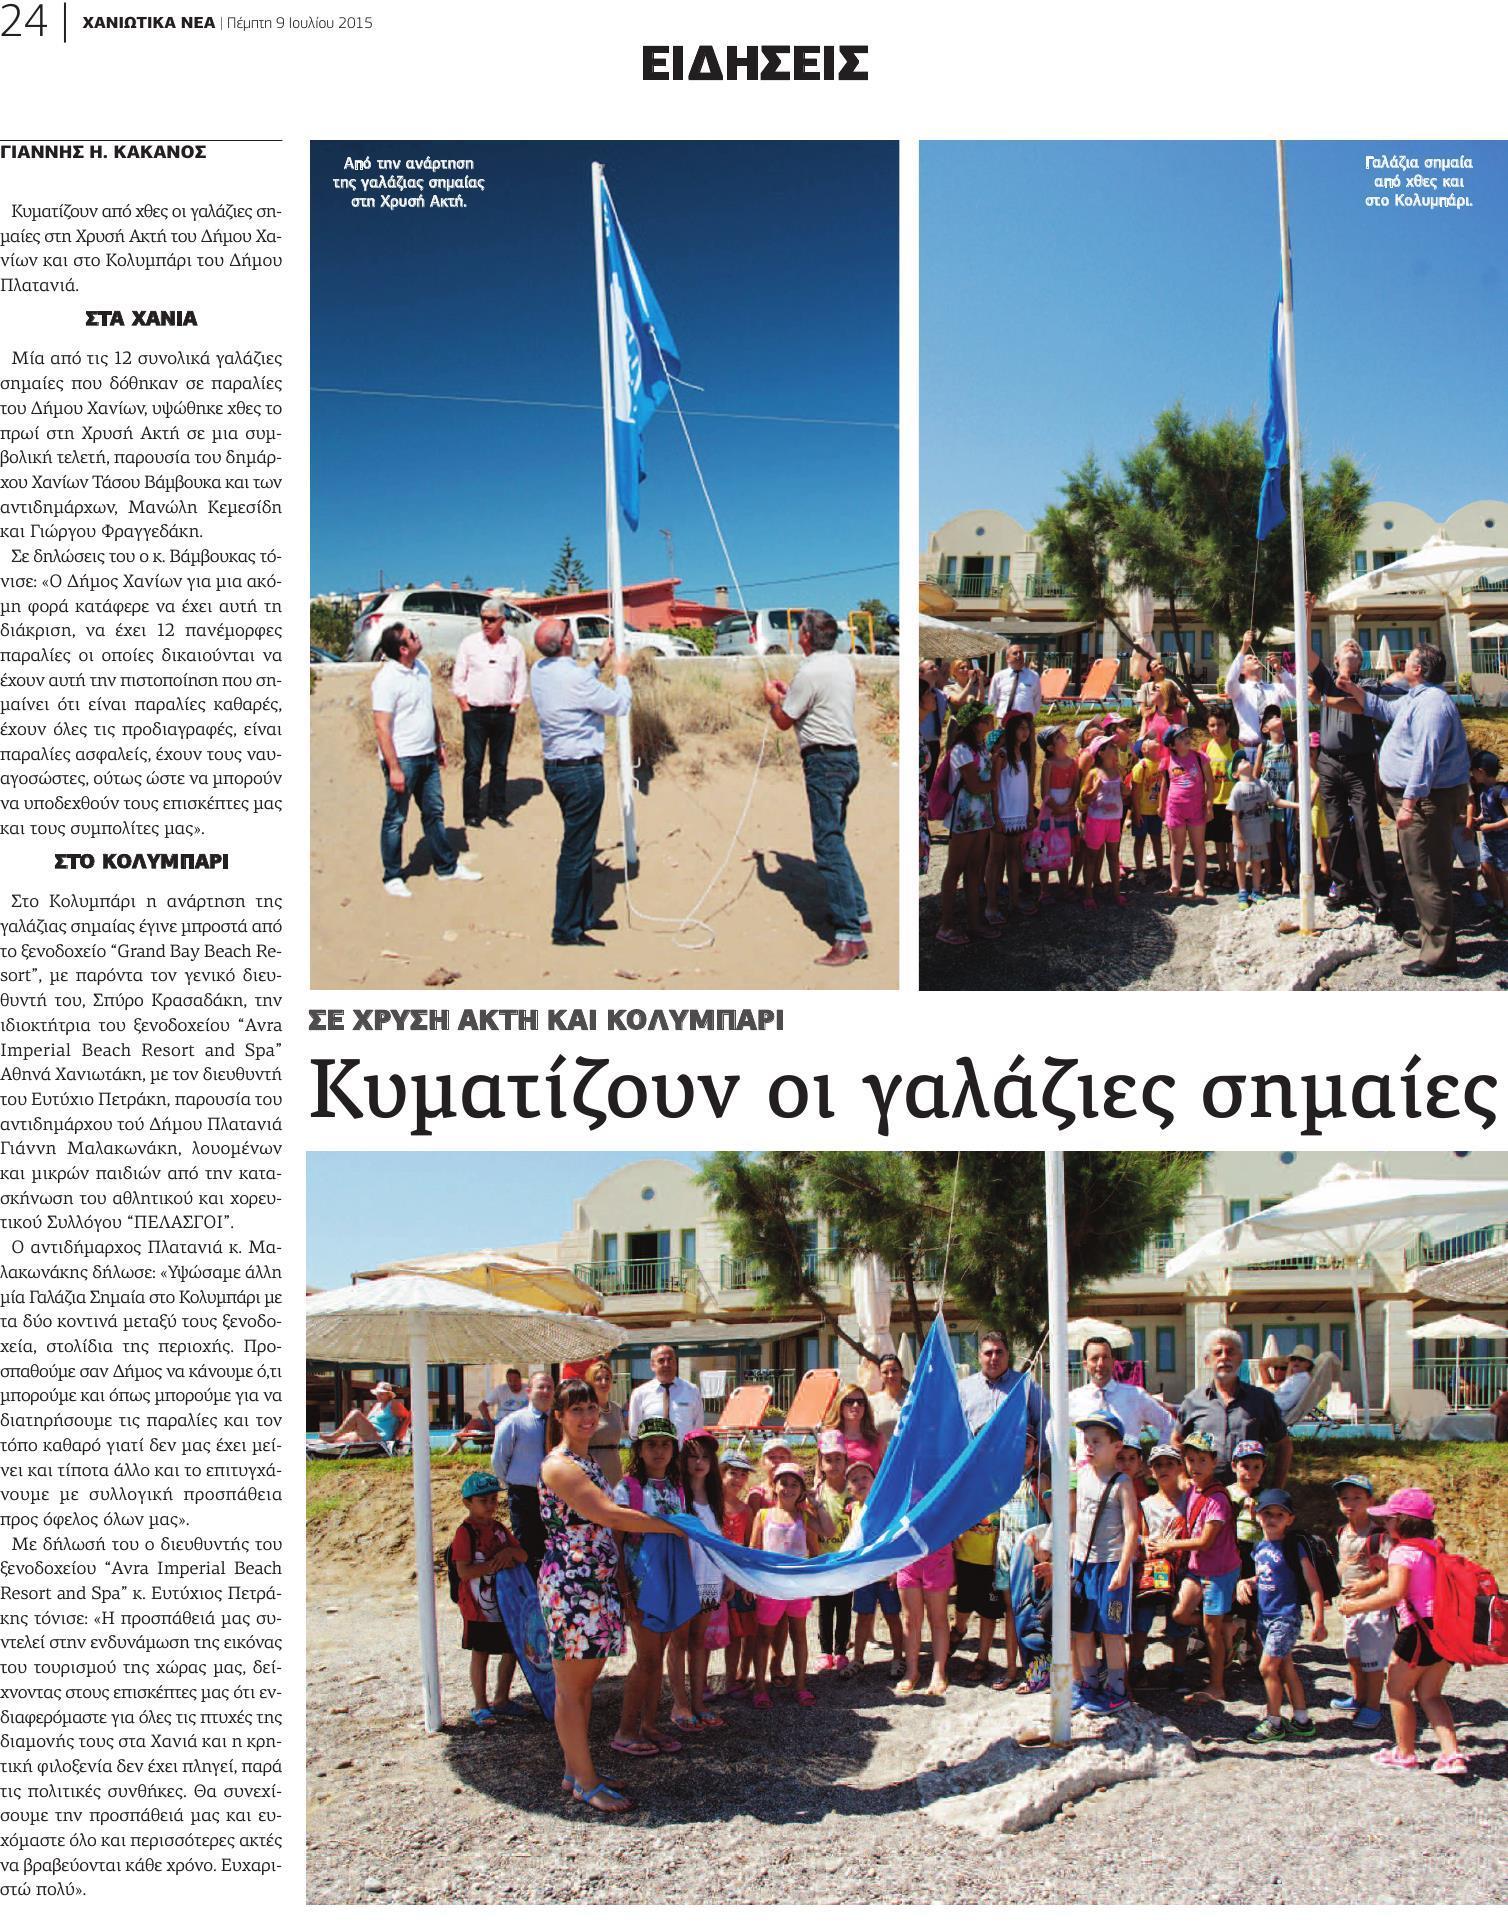 24.pdf 20150709 Γαλάζιες σημαίες